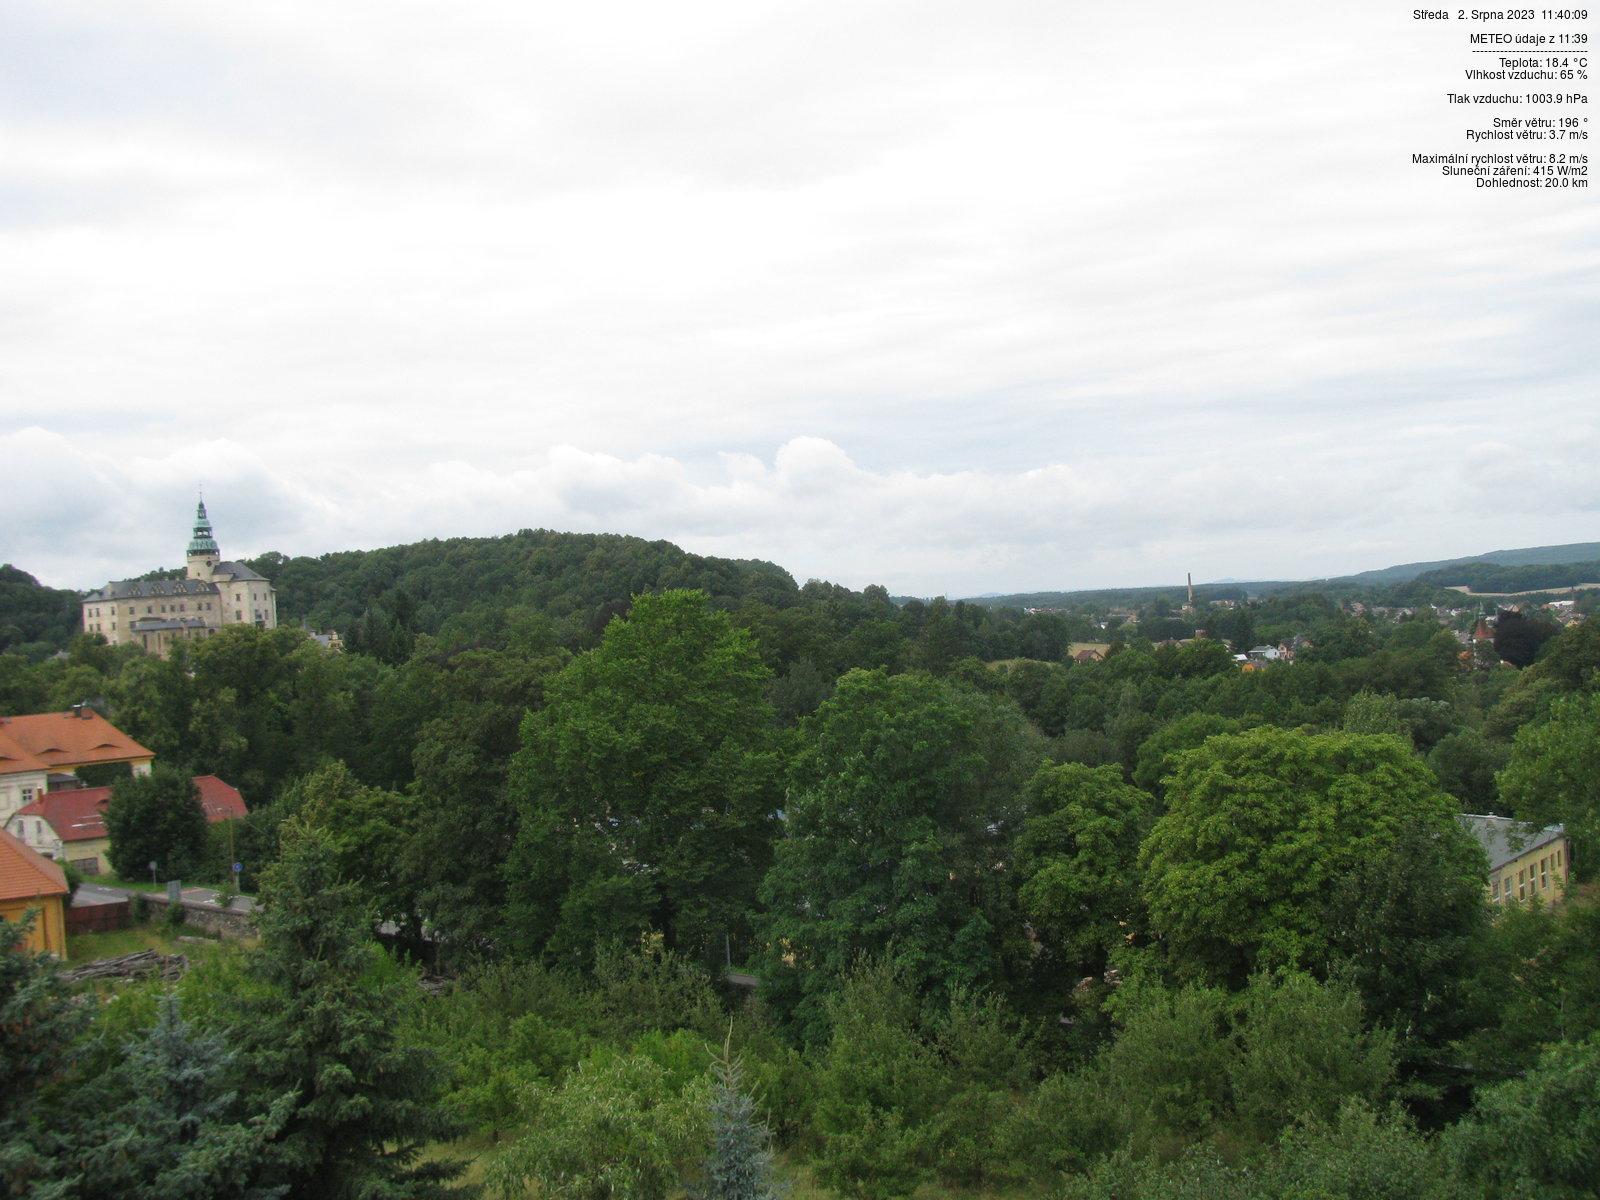 Webcam - Frýdlant v Čechách